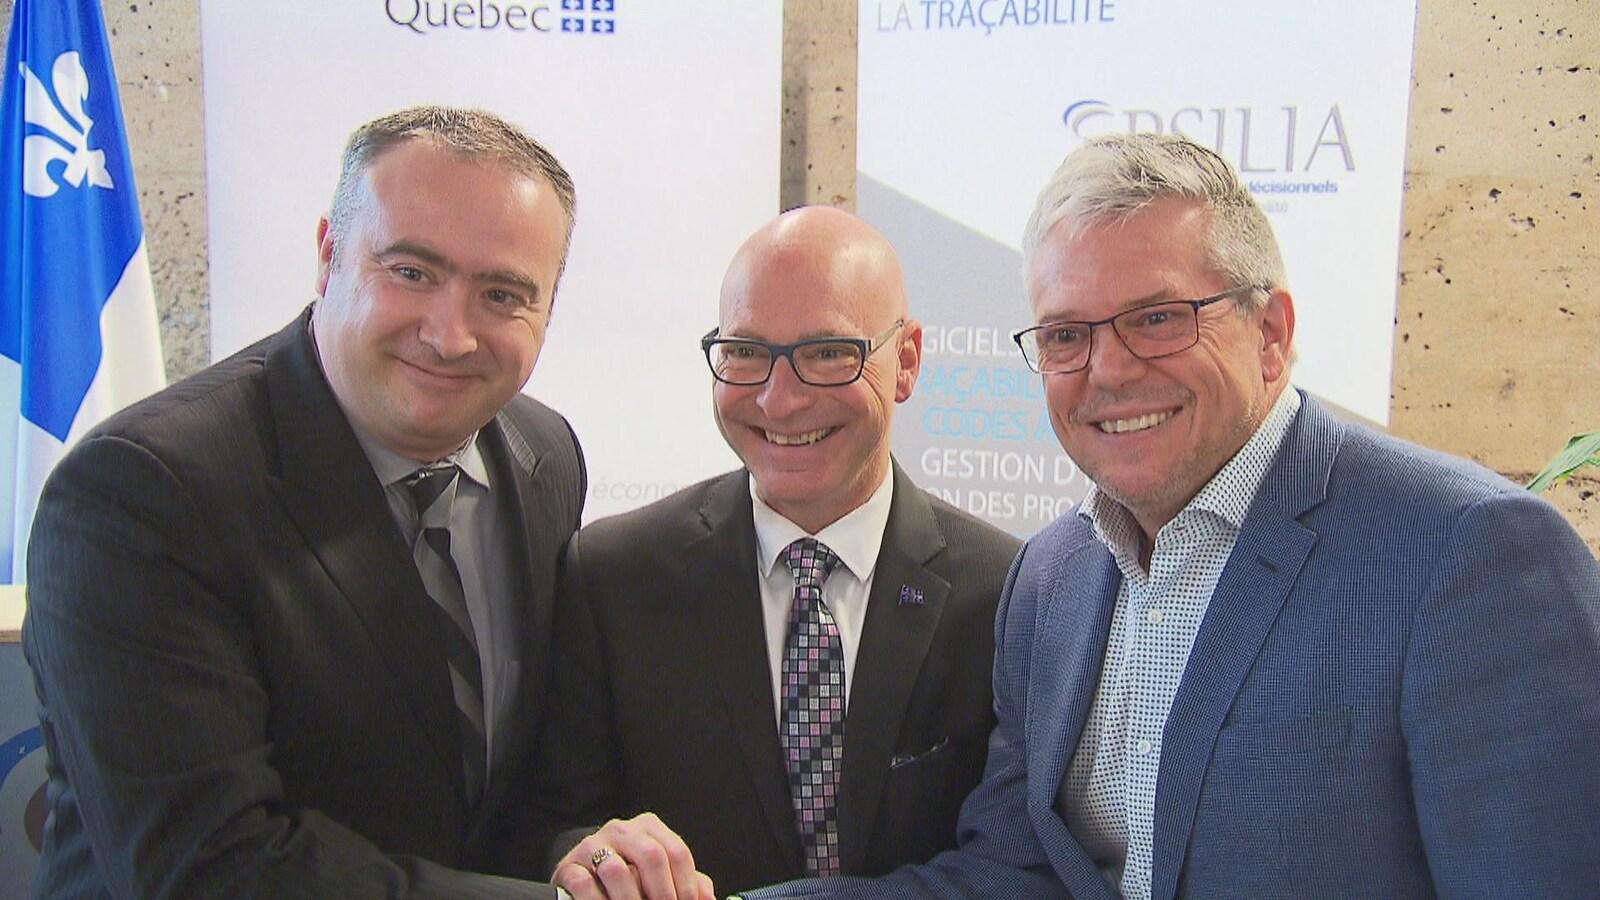 Guillaume Parenteau (à gauche), dg de Pluritag, le député de Trois-Rivières, Jean-Denis Girard (au centre), et Alain Lemieux, pdg d'Epsilia (à droite.)